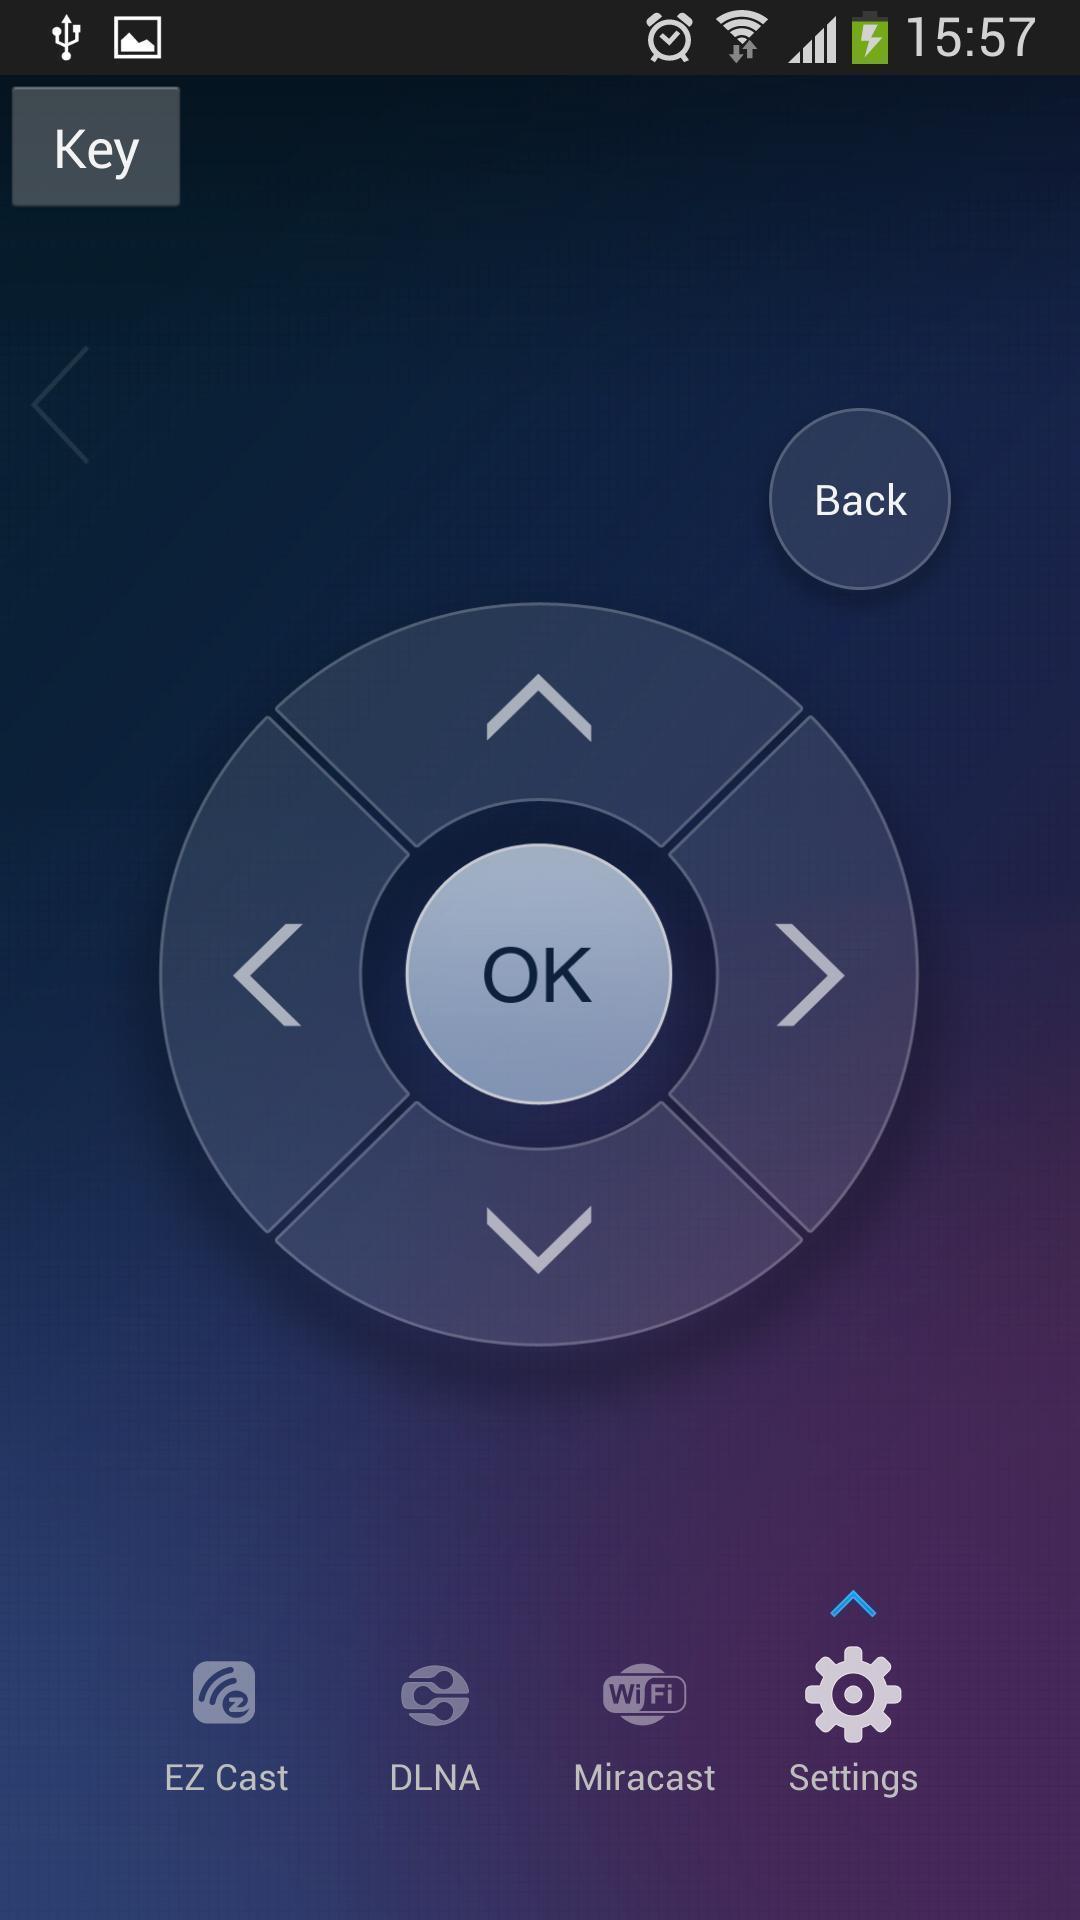 从1.1.550版本开始,EZCast应用程式支持Apple TV, 您可以把苹果设备里的资料/视频/音乐/文档等内容投影到Apple TV上.目前EZCast应用程式支持EZCast电视棒,Google Chromecast,Apple TV.谢谢! EZCast是一款强大的家庭多媒体分享软件,可以完成手机,平板,PC上的屏幕完美切换到TV大屏幕 搭配winnerwave的无线连接方案,实现更好的多屏互动体验 从2014年3月15日起(Android App版本号1.